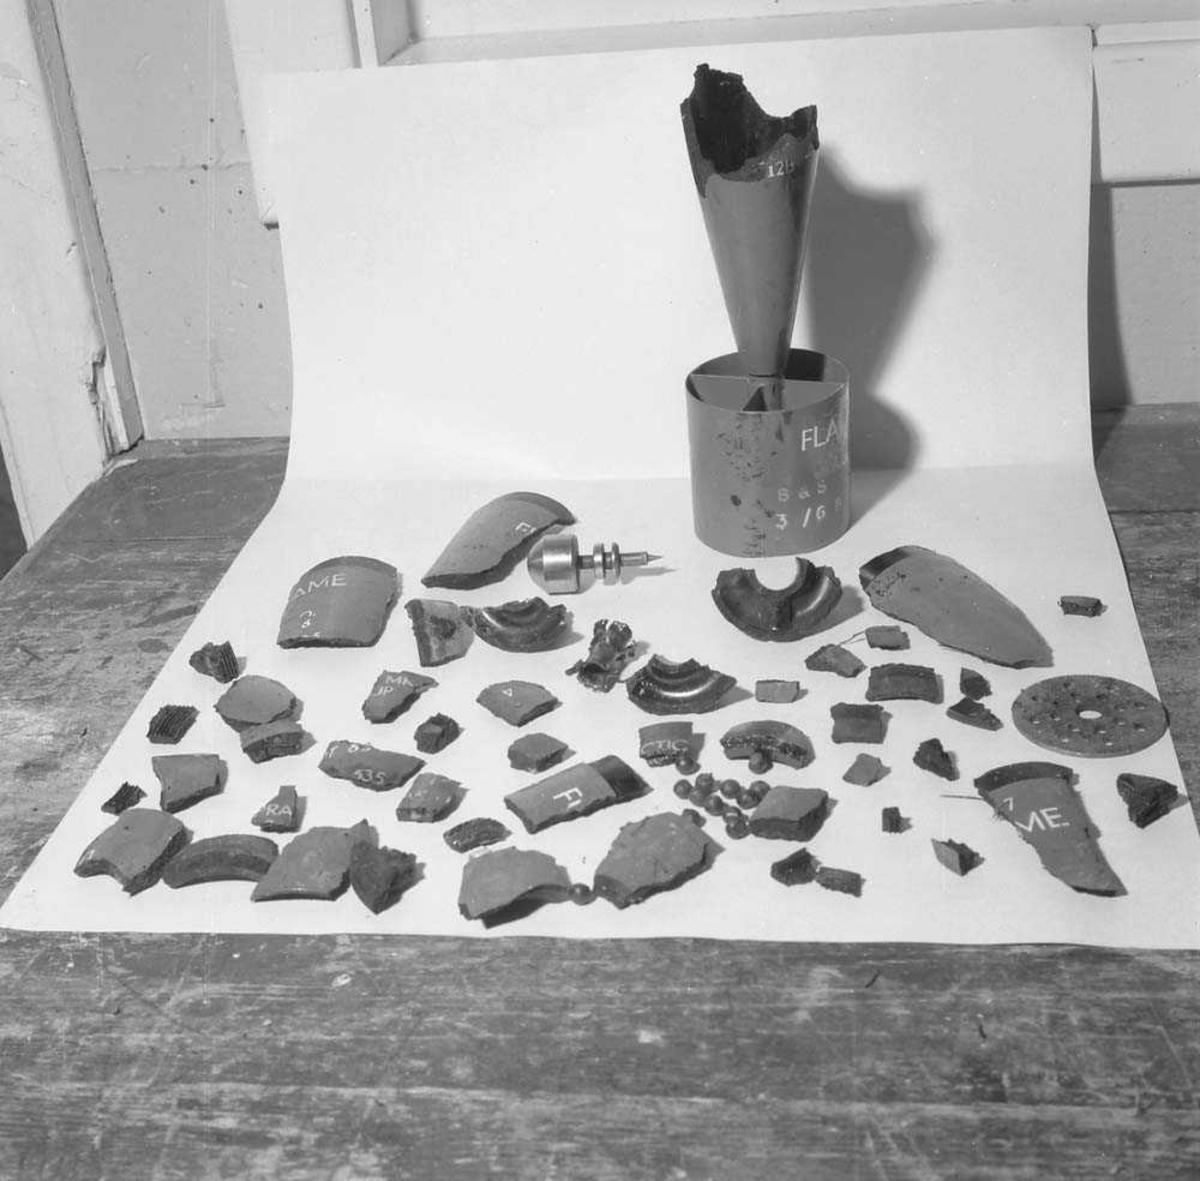 Arbeidsuhell med bombe i arbeidshus i Ammo-dumpa (Amunisjons-avdelingen) på Bodø flystasjon.